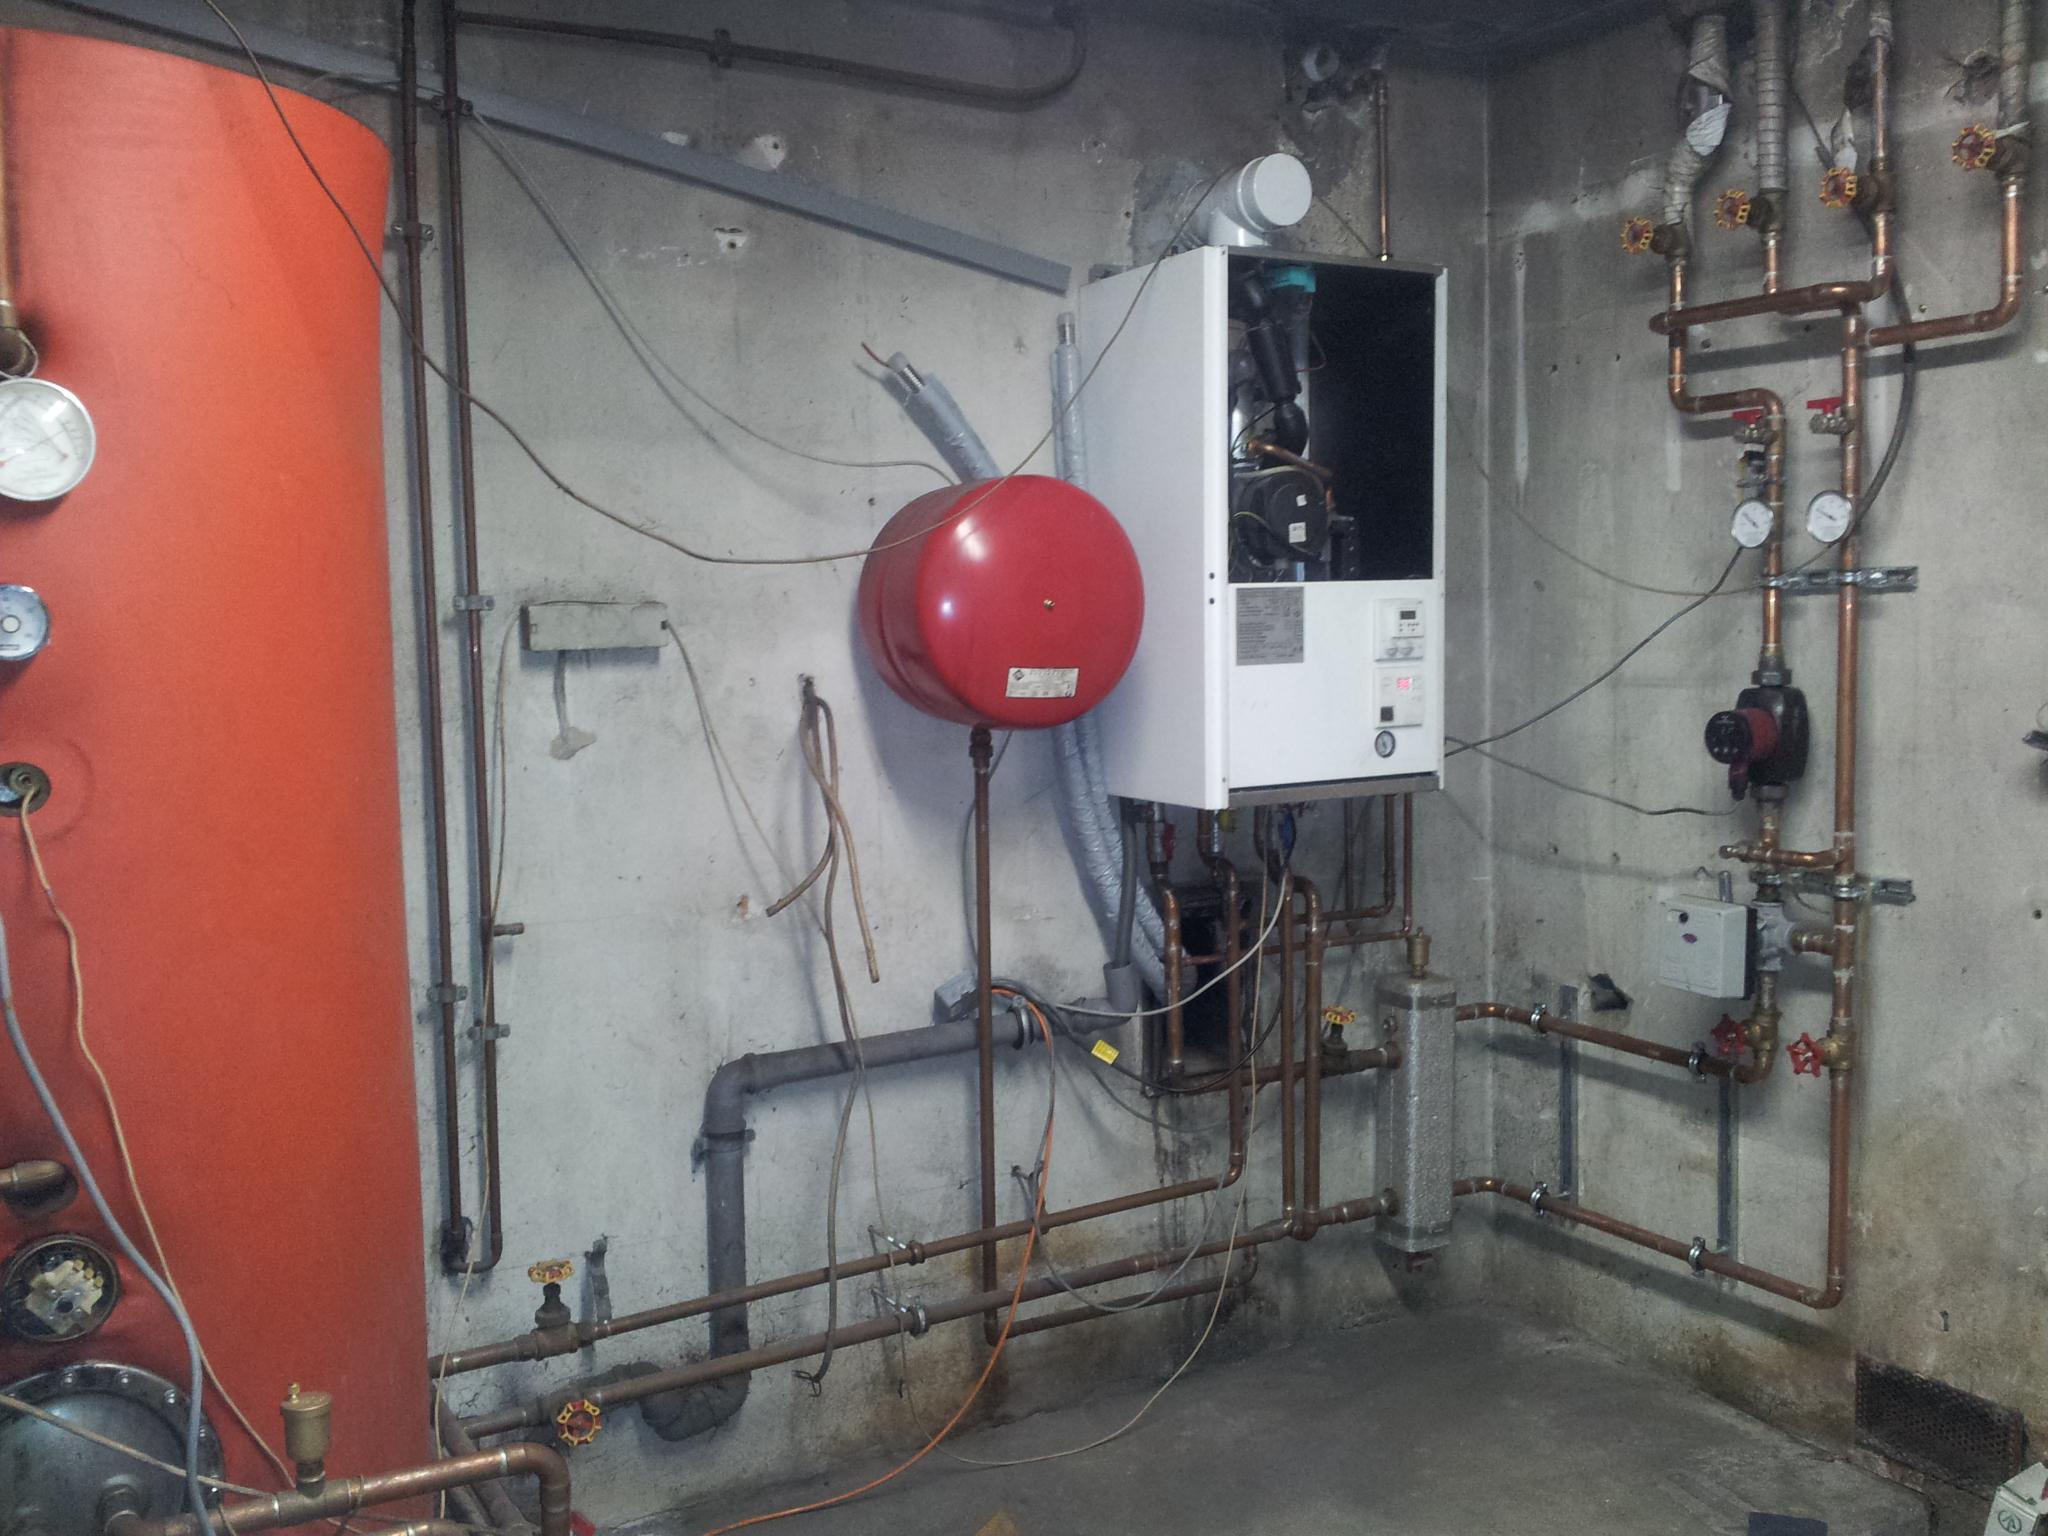 Gut bekannt Nochmal Reinigung und Spuelung Fussbodenheizung - HaustechnikDialog AO28